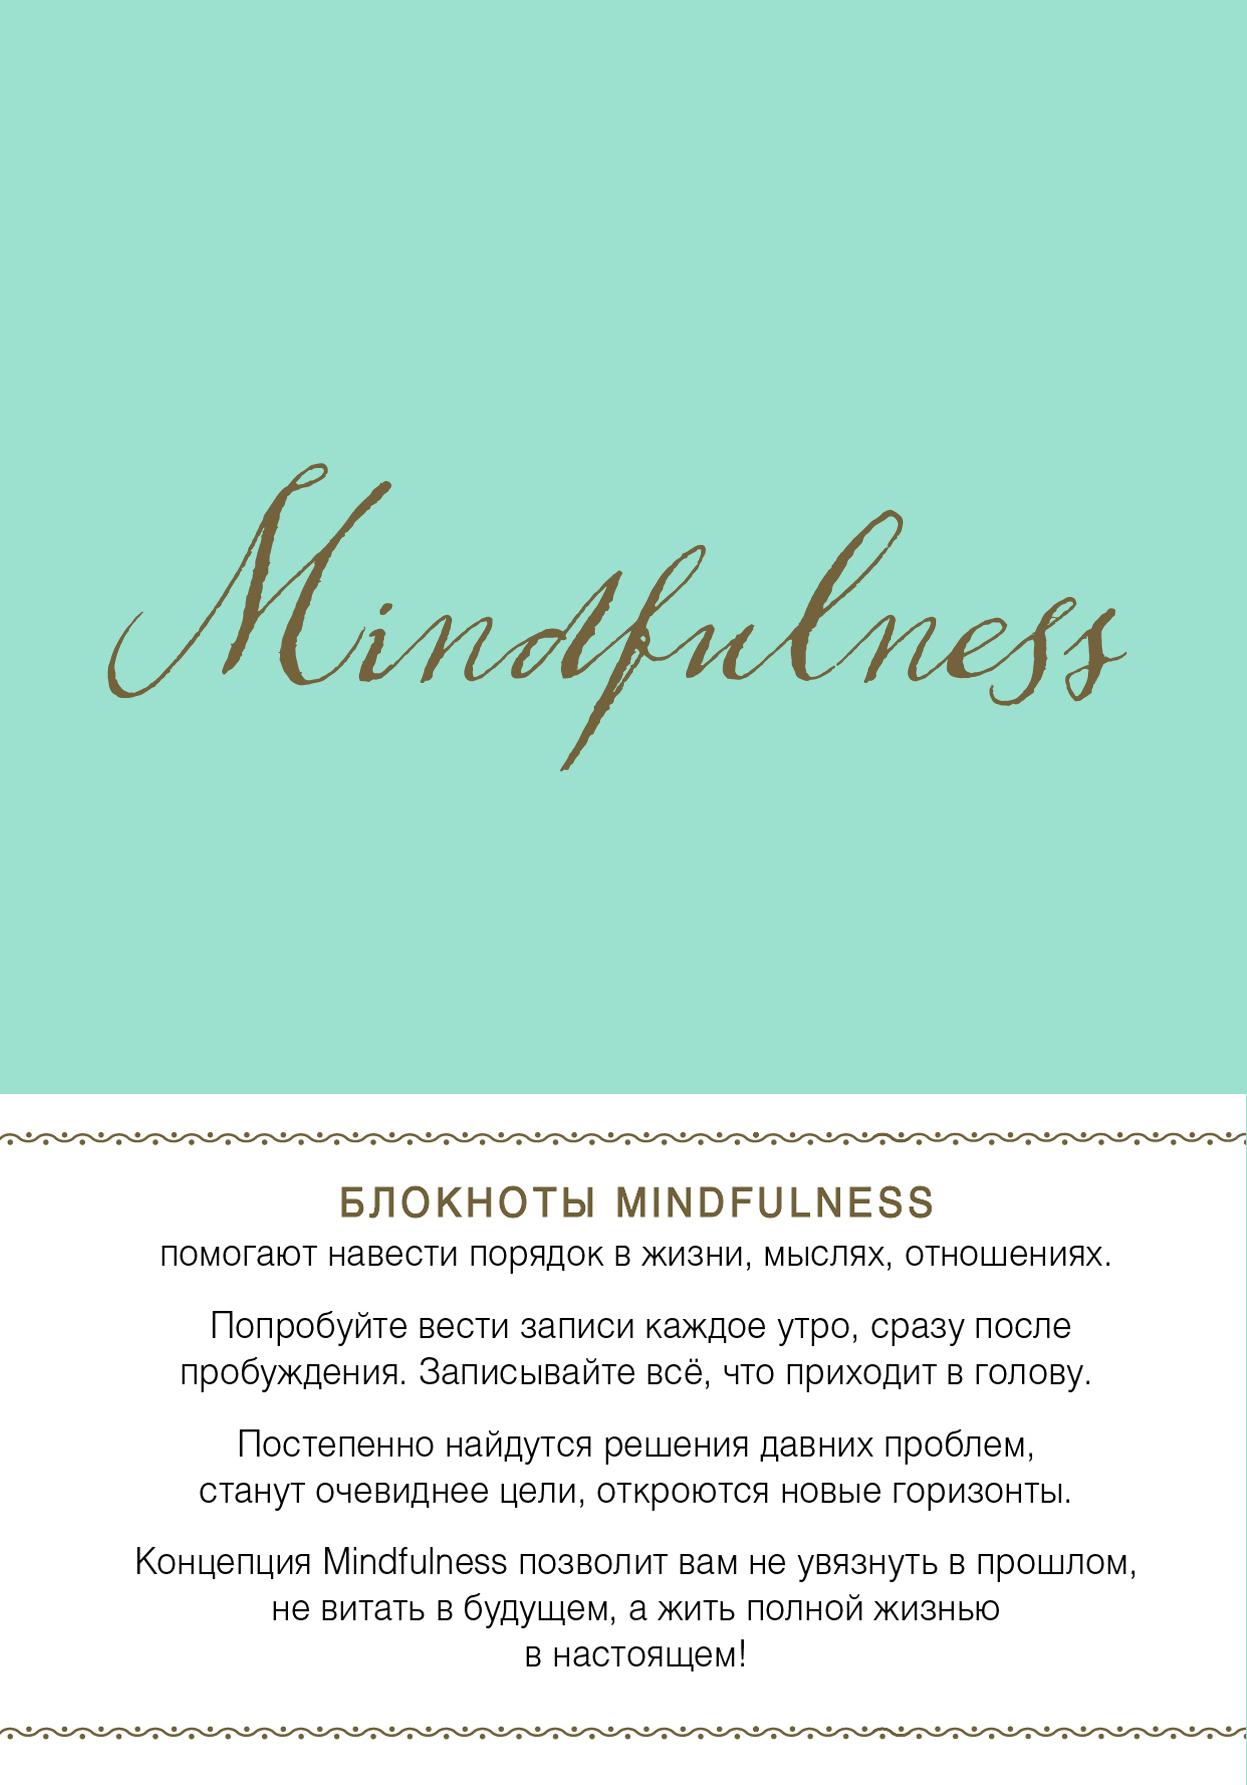 Mindfulness. Утренние страницы. Блокнот mind ulness утренние страницы лимон скругленные углы